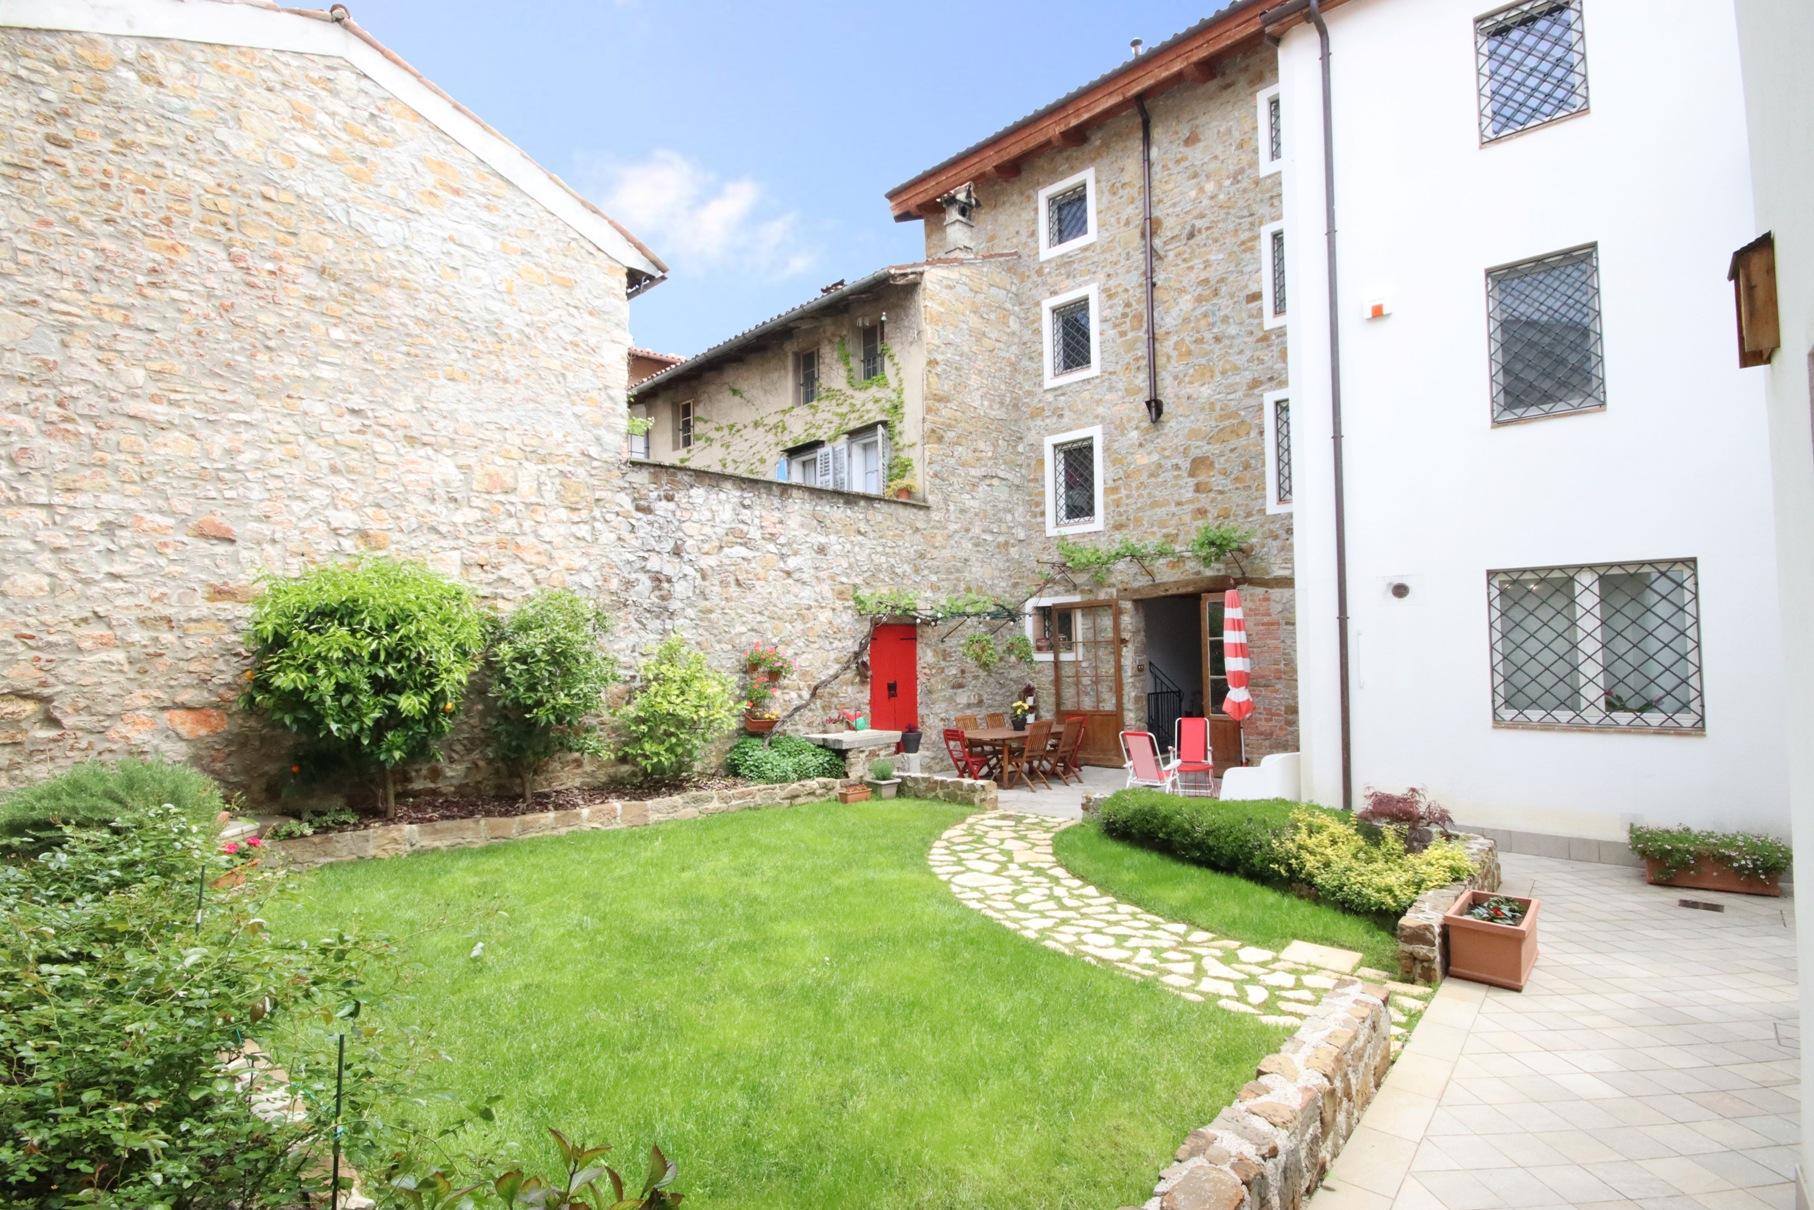 Elegante Palazzo con due unità abitative nel cuore del bellissimo borgo storico di Cormons